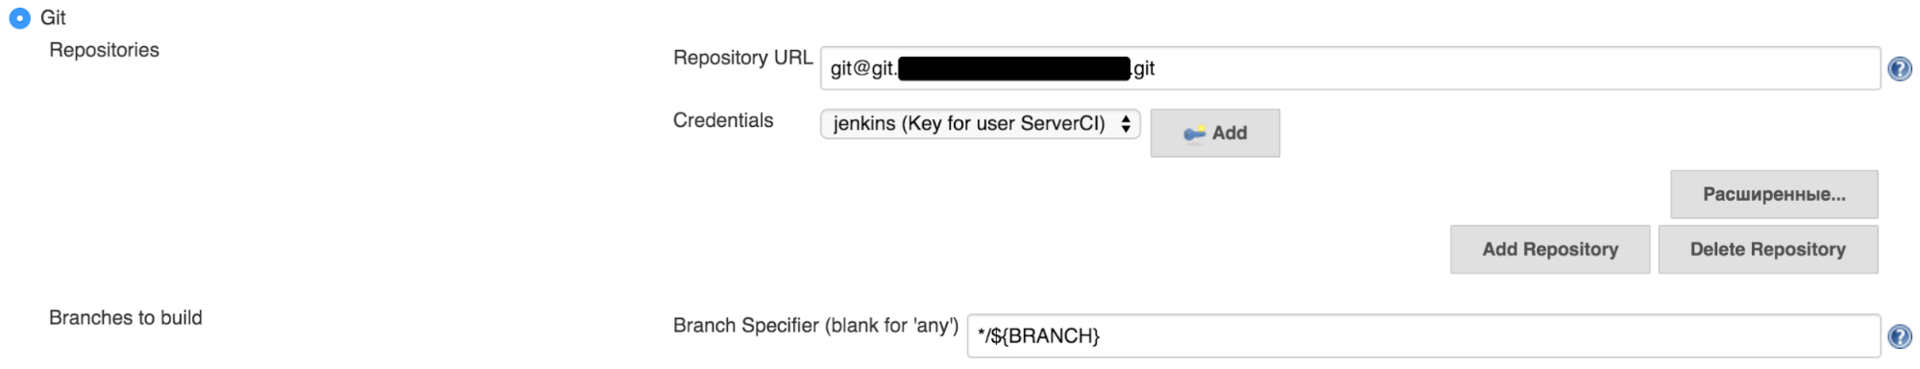 Как за день поднять CI для iOS-разработчиков. Часть 2 - 7